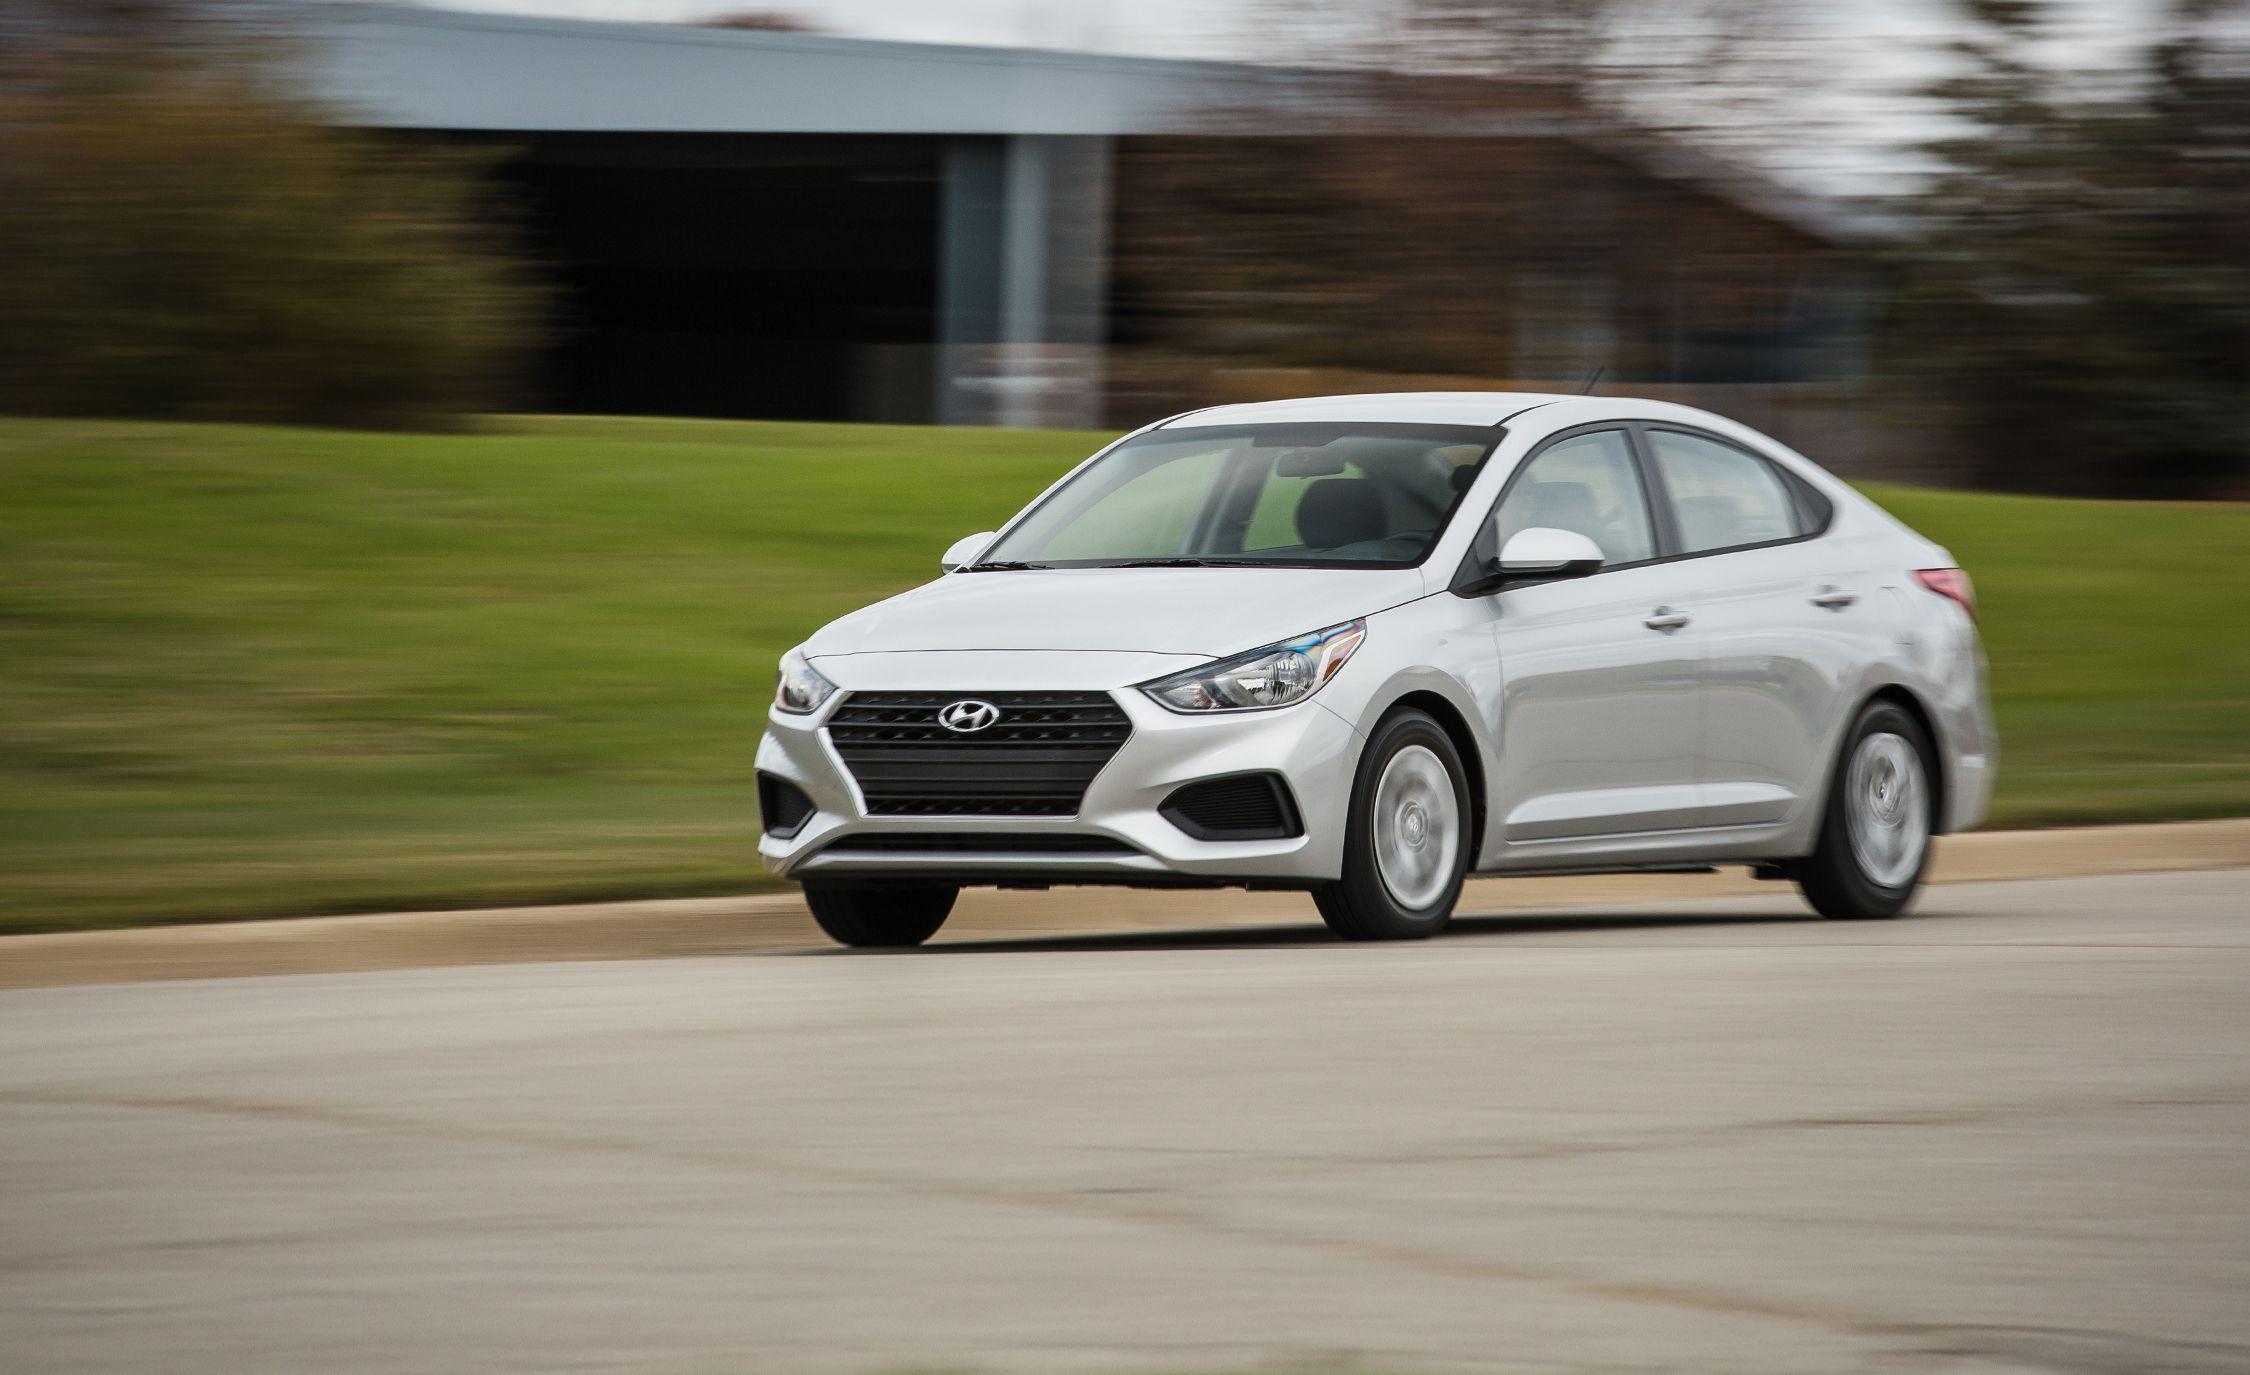 2018 Hyundai Accent Manual